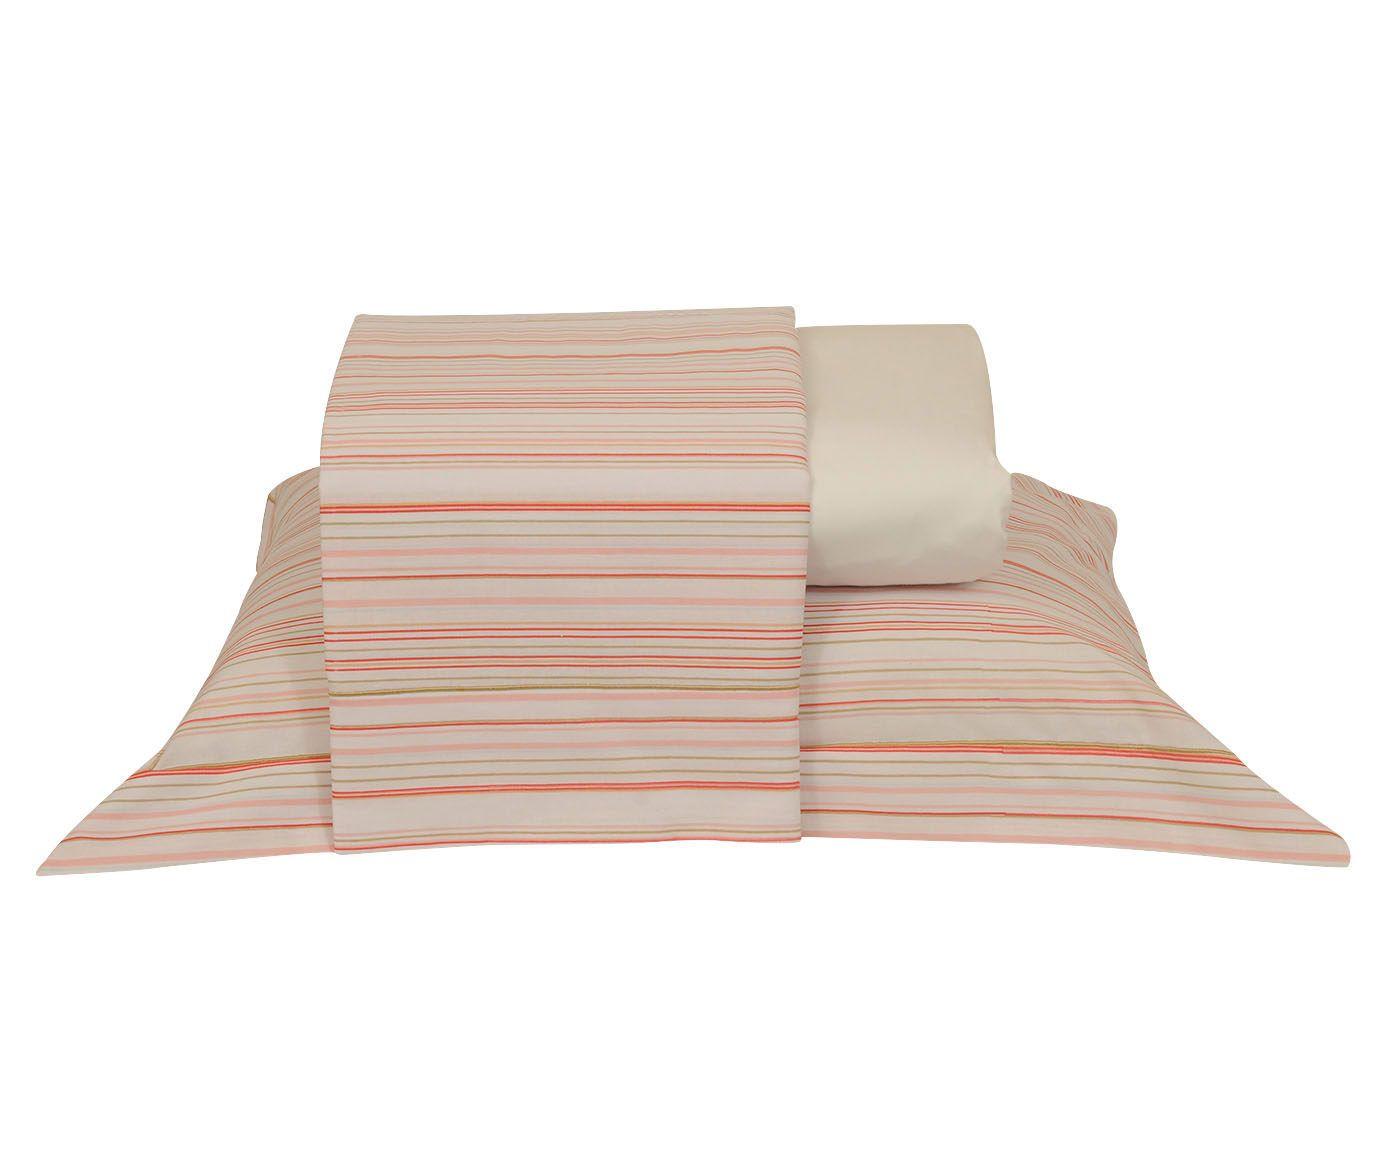 Jogo de lençol versatt stripes para cama queen size 150 fios - ritz | Westwing.com.br